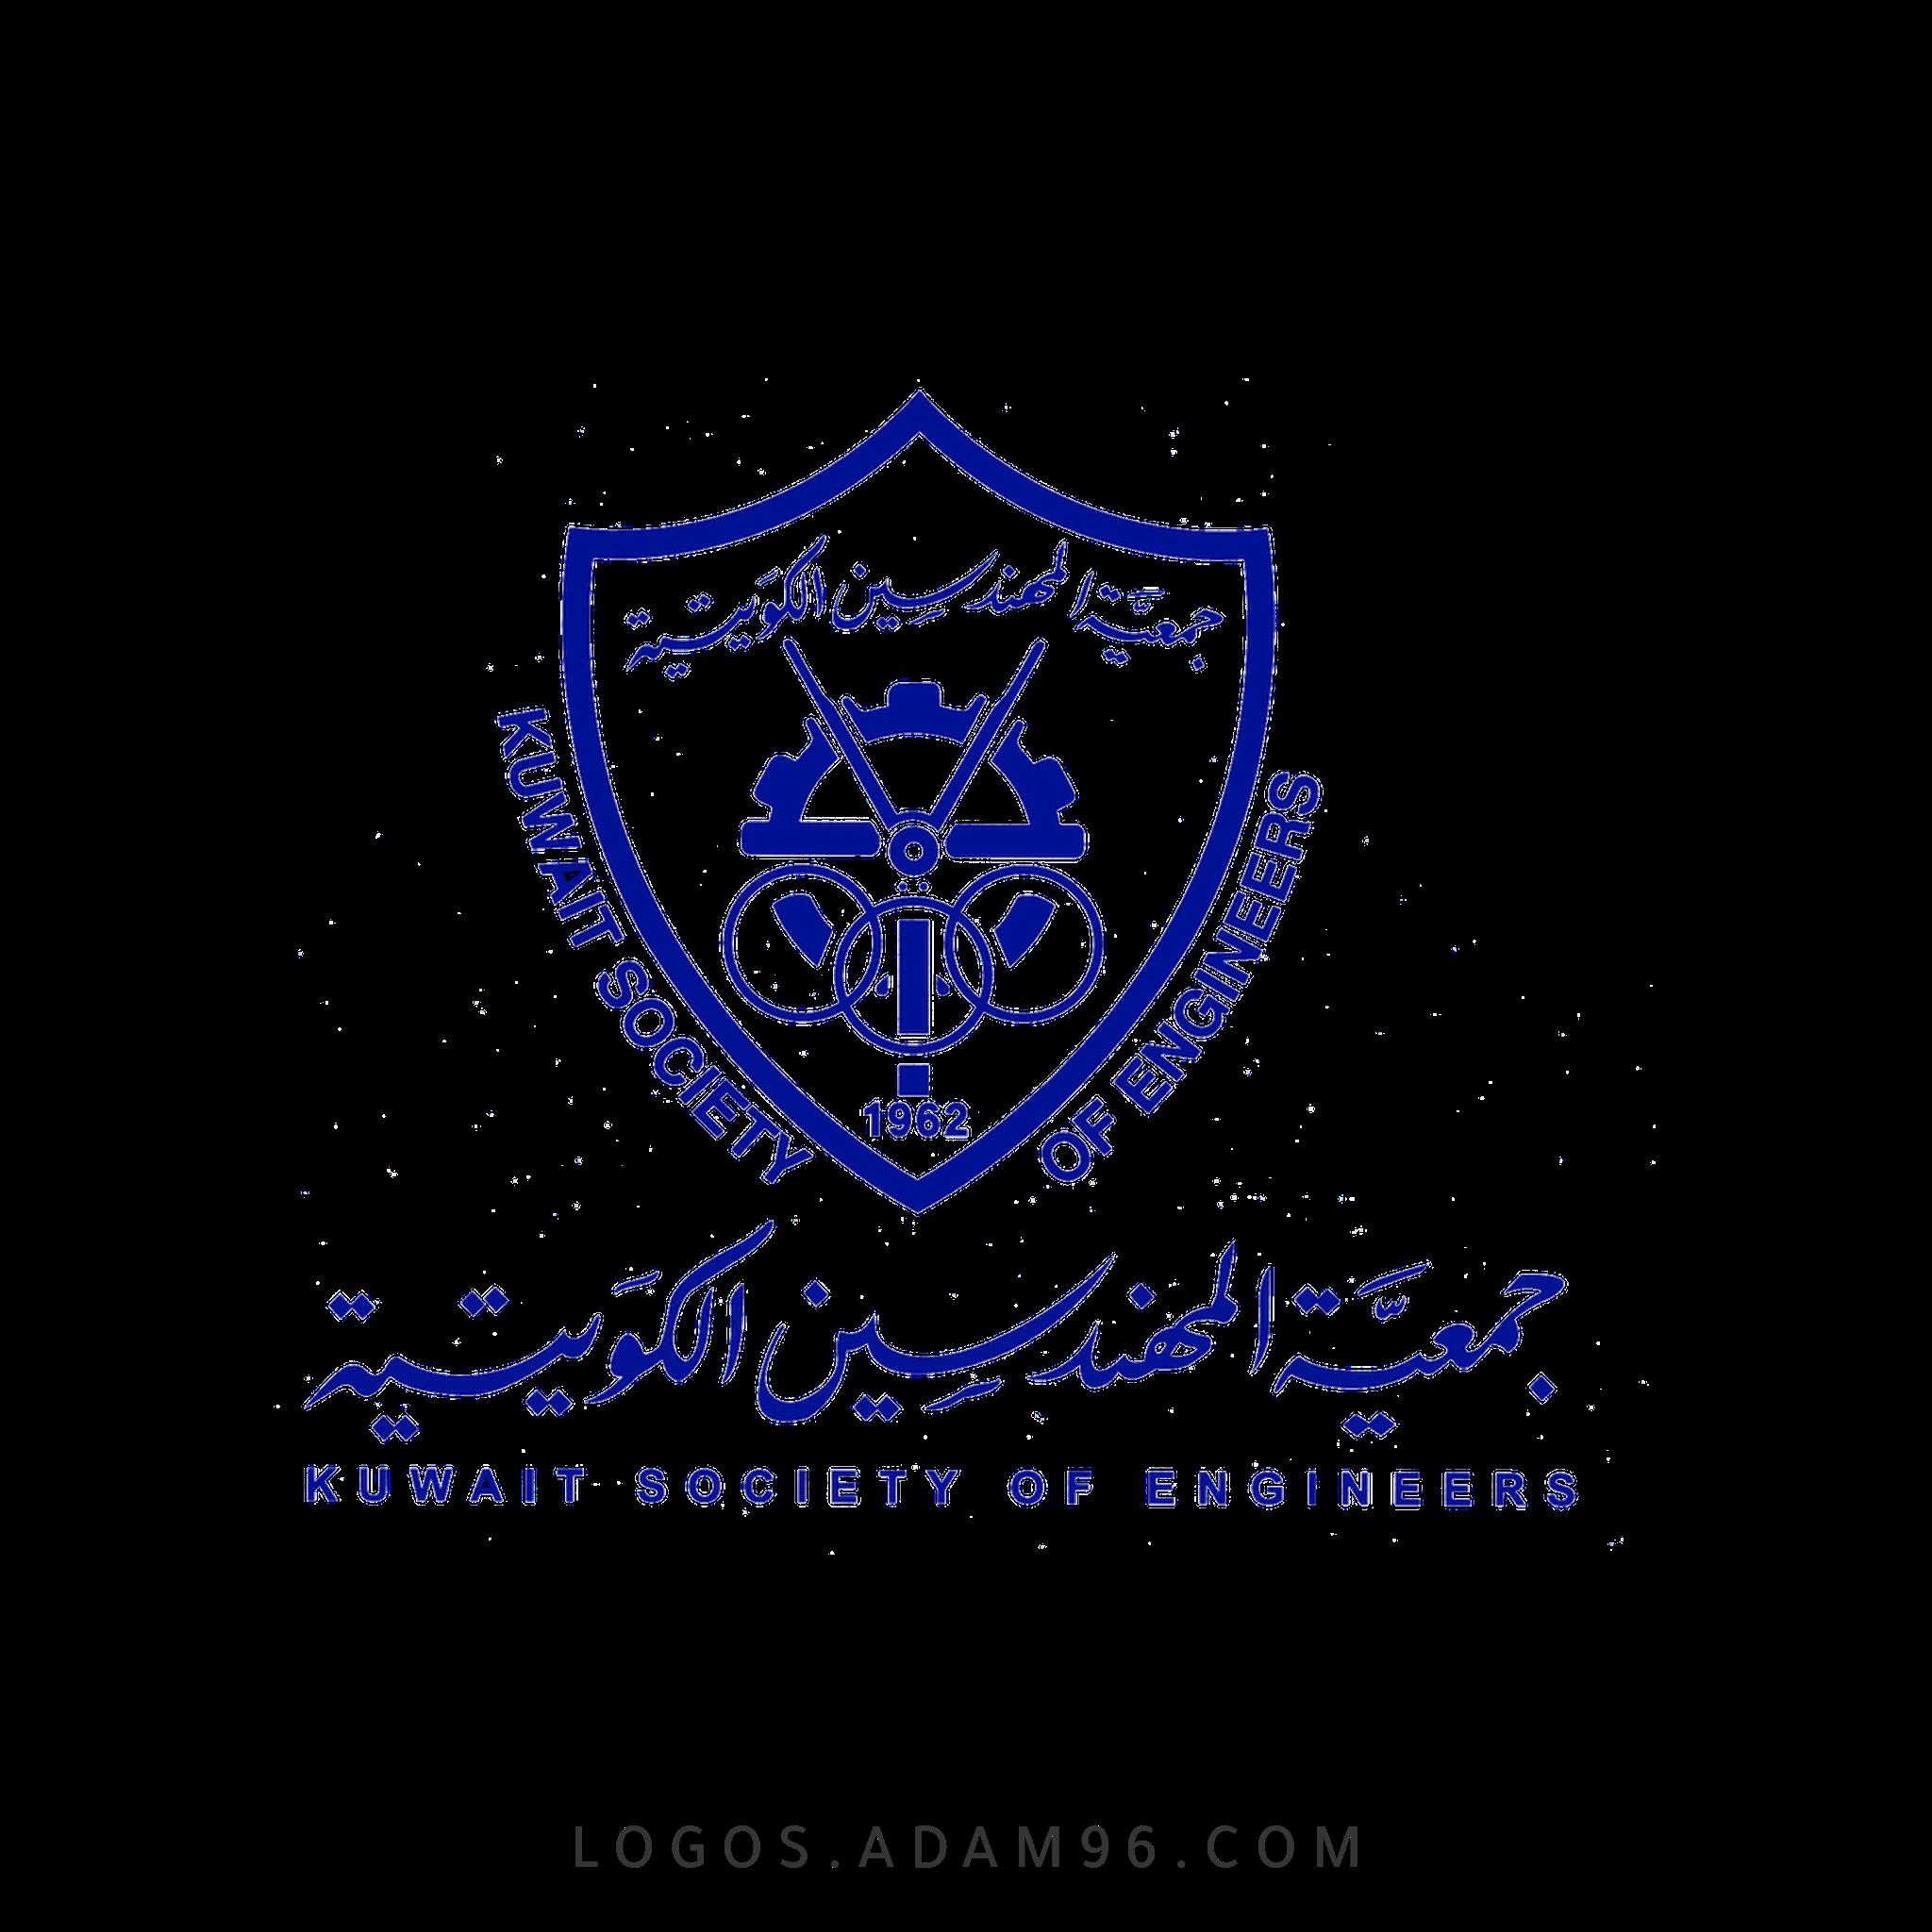 تحميل شعار جمعية المهندسين الكويتية لوجو رسمي بصيغة شفافة PNG